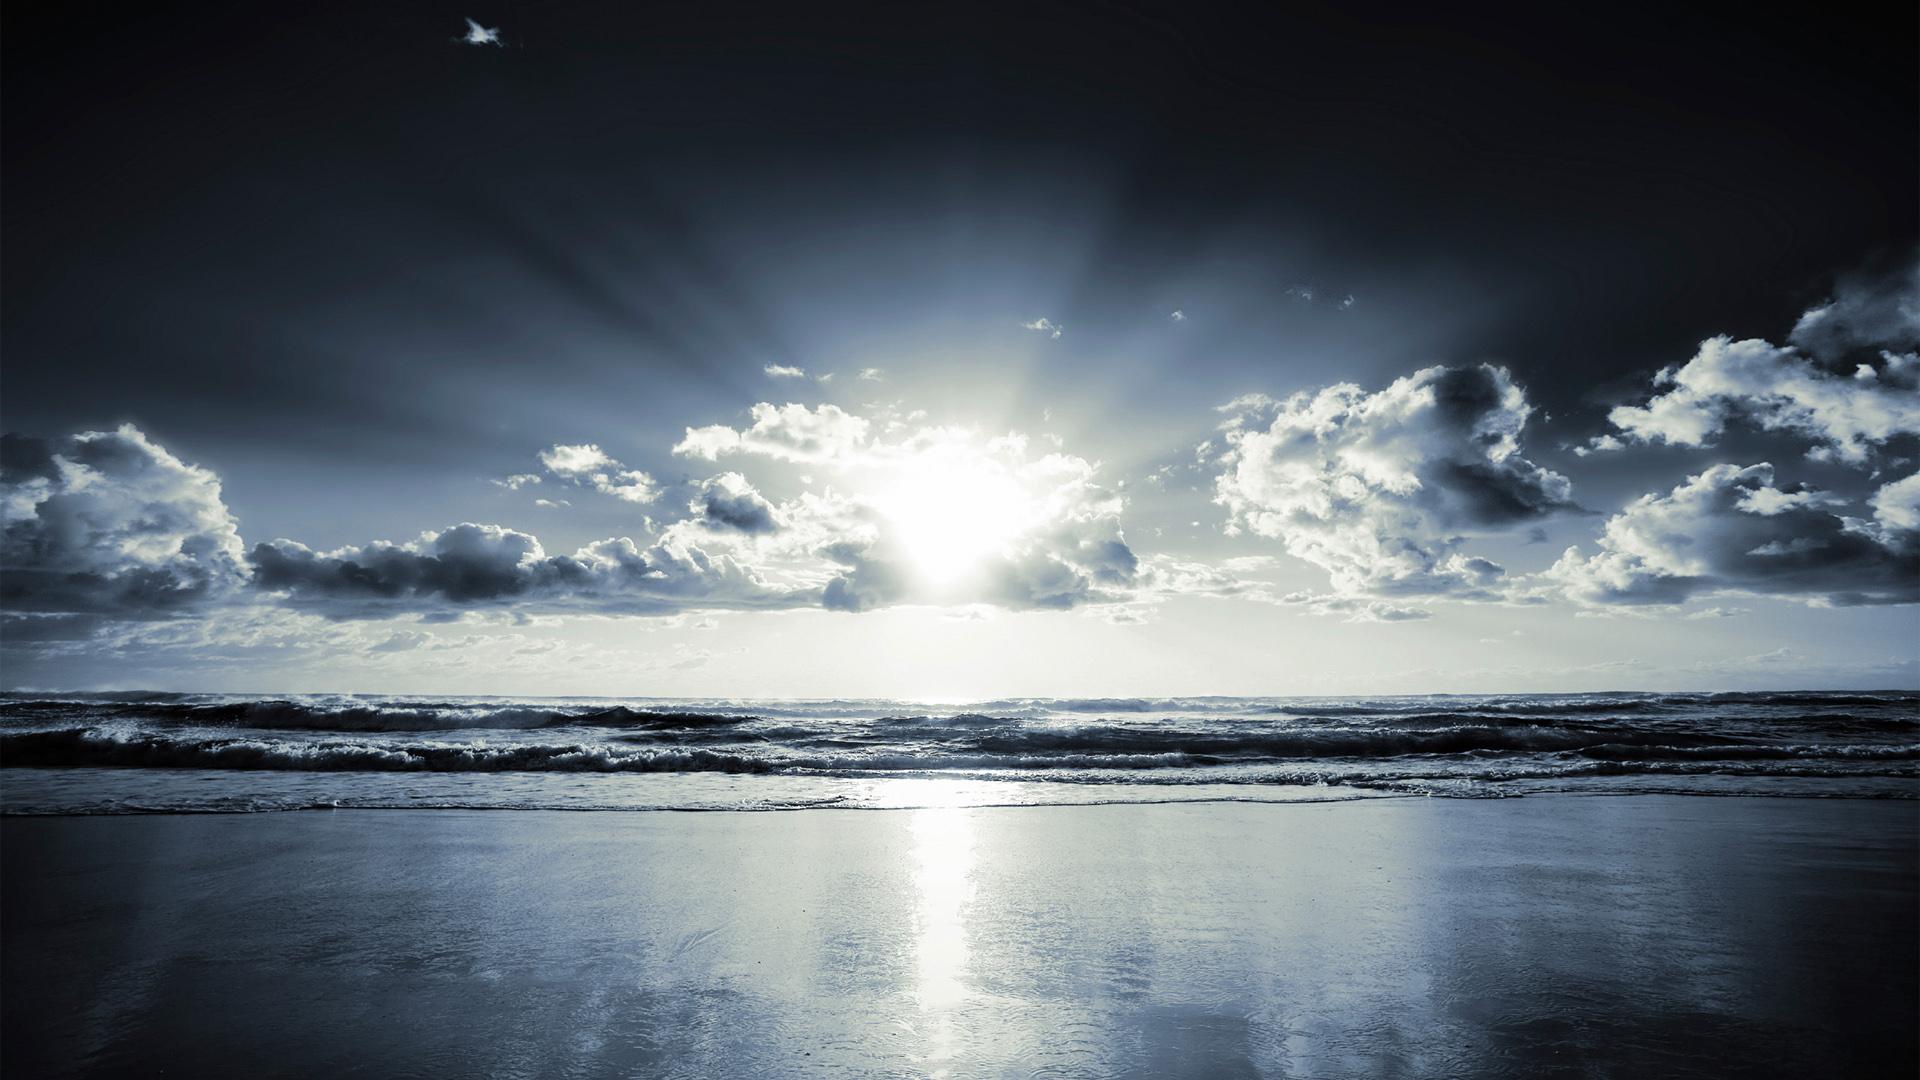 берег, море, волны